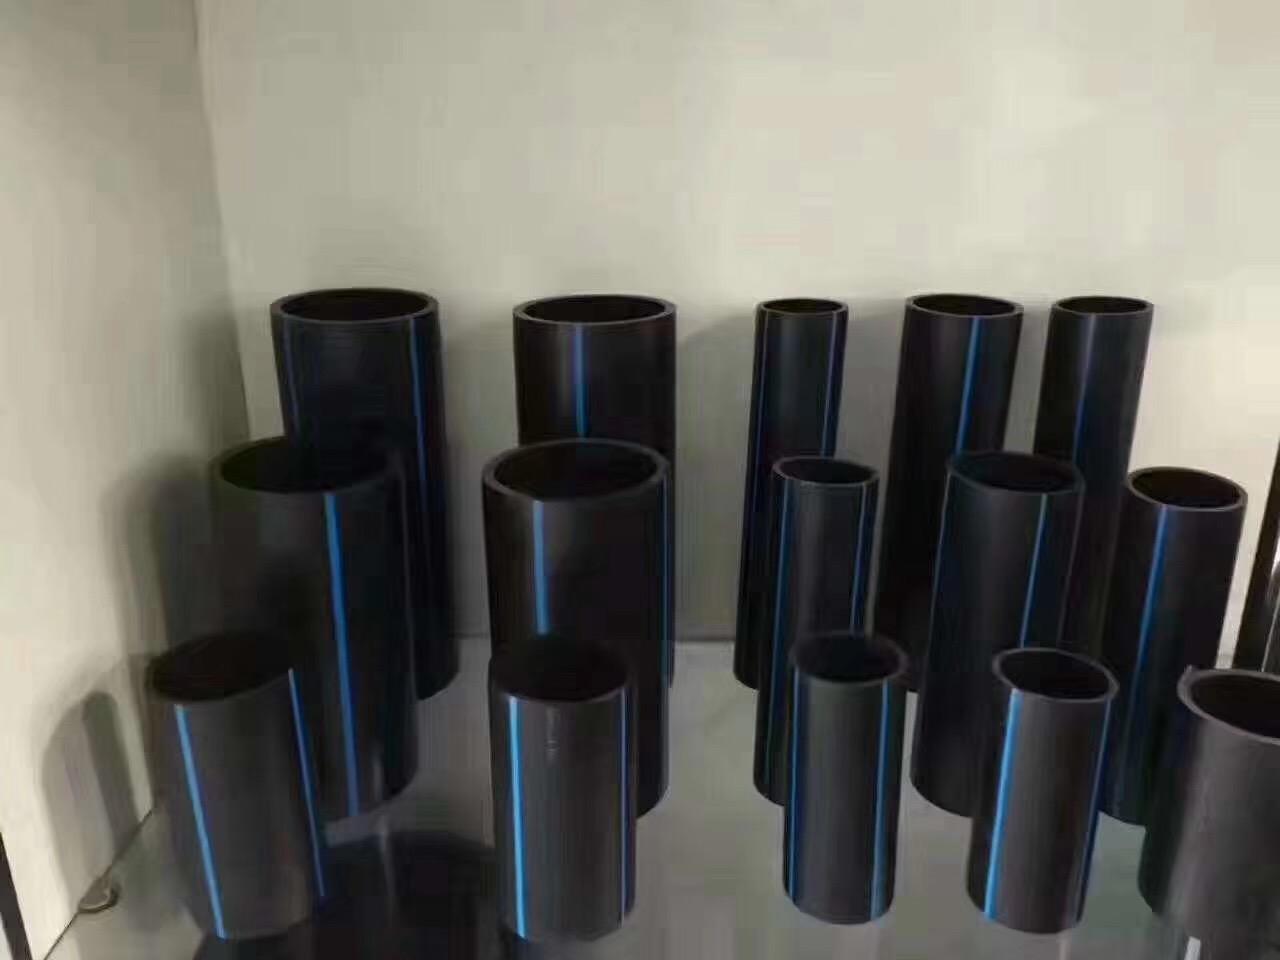 山城区PE给水管多少钱一米河北万凯塑料管材有限公司